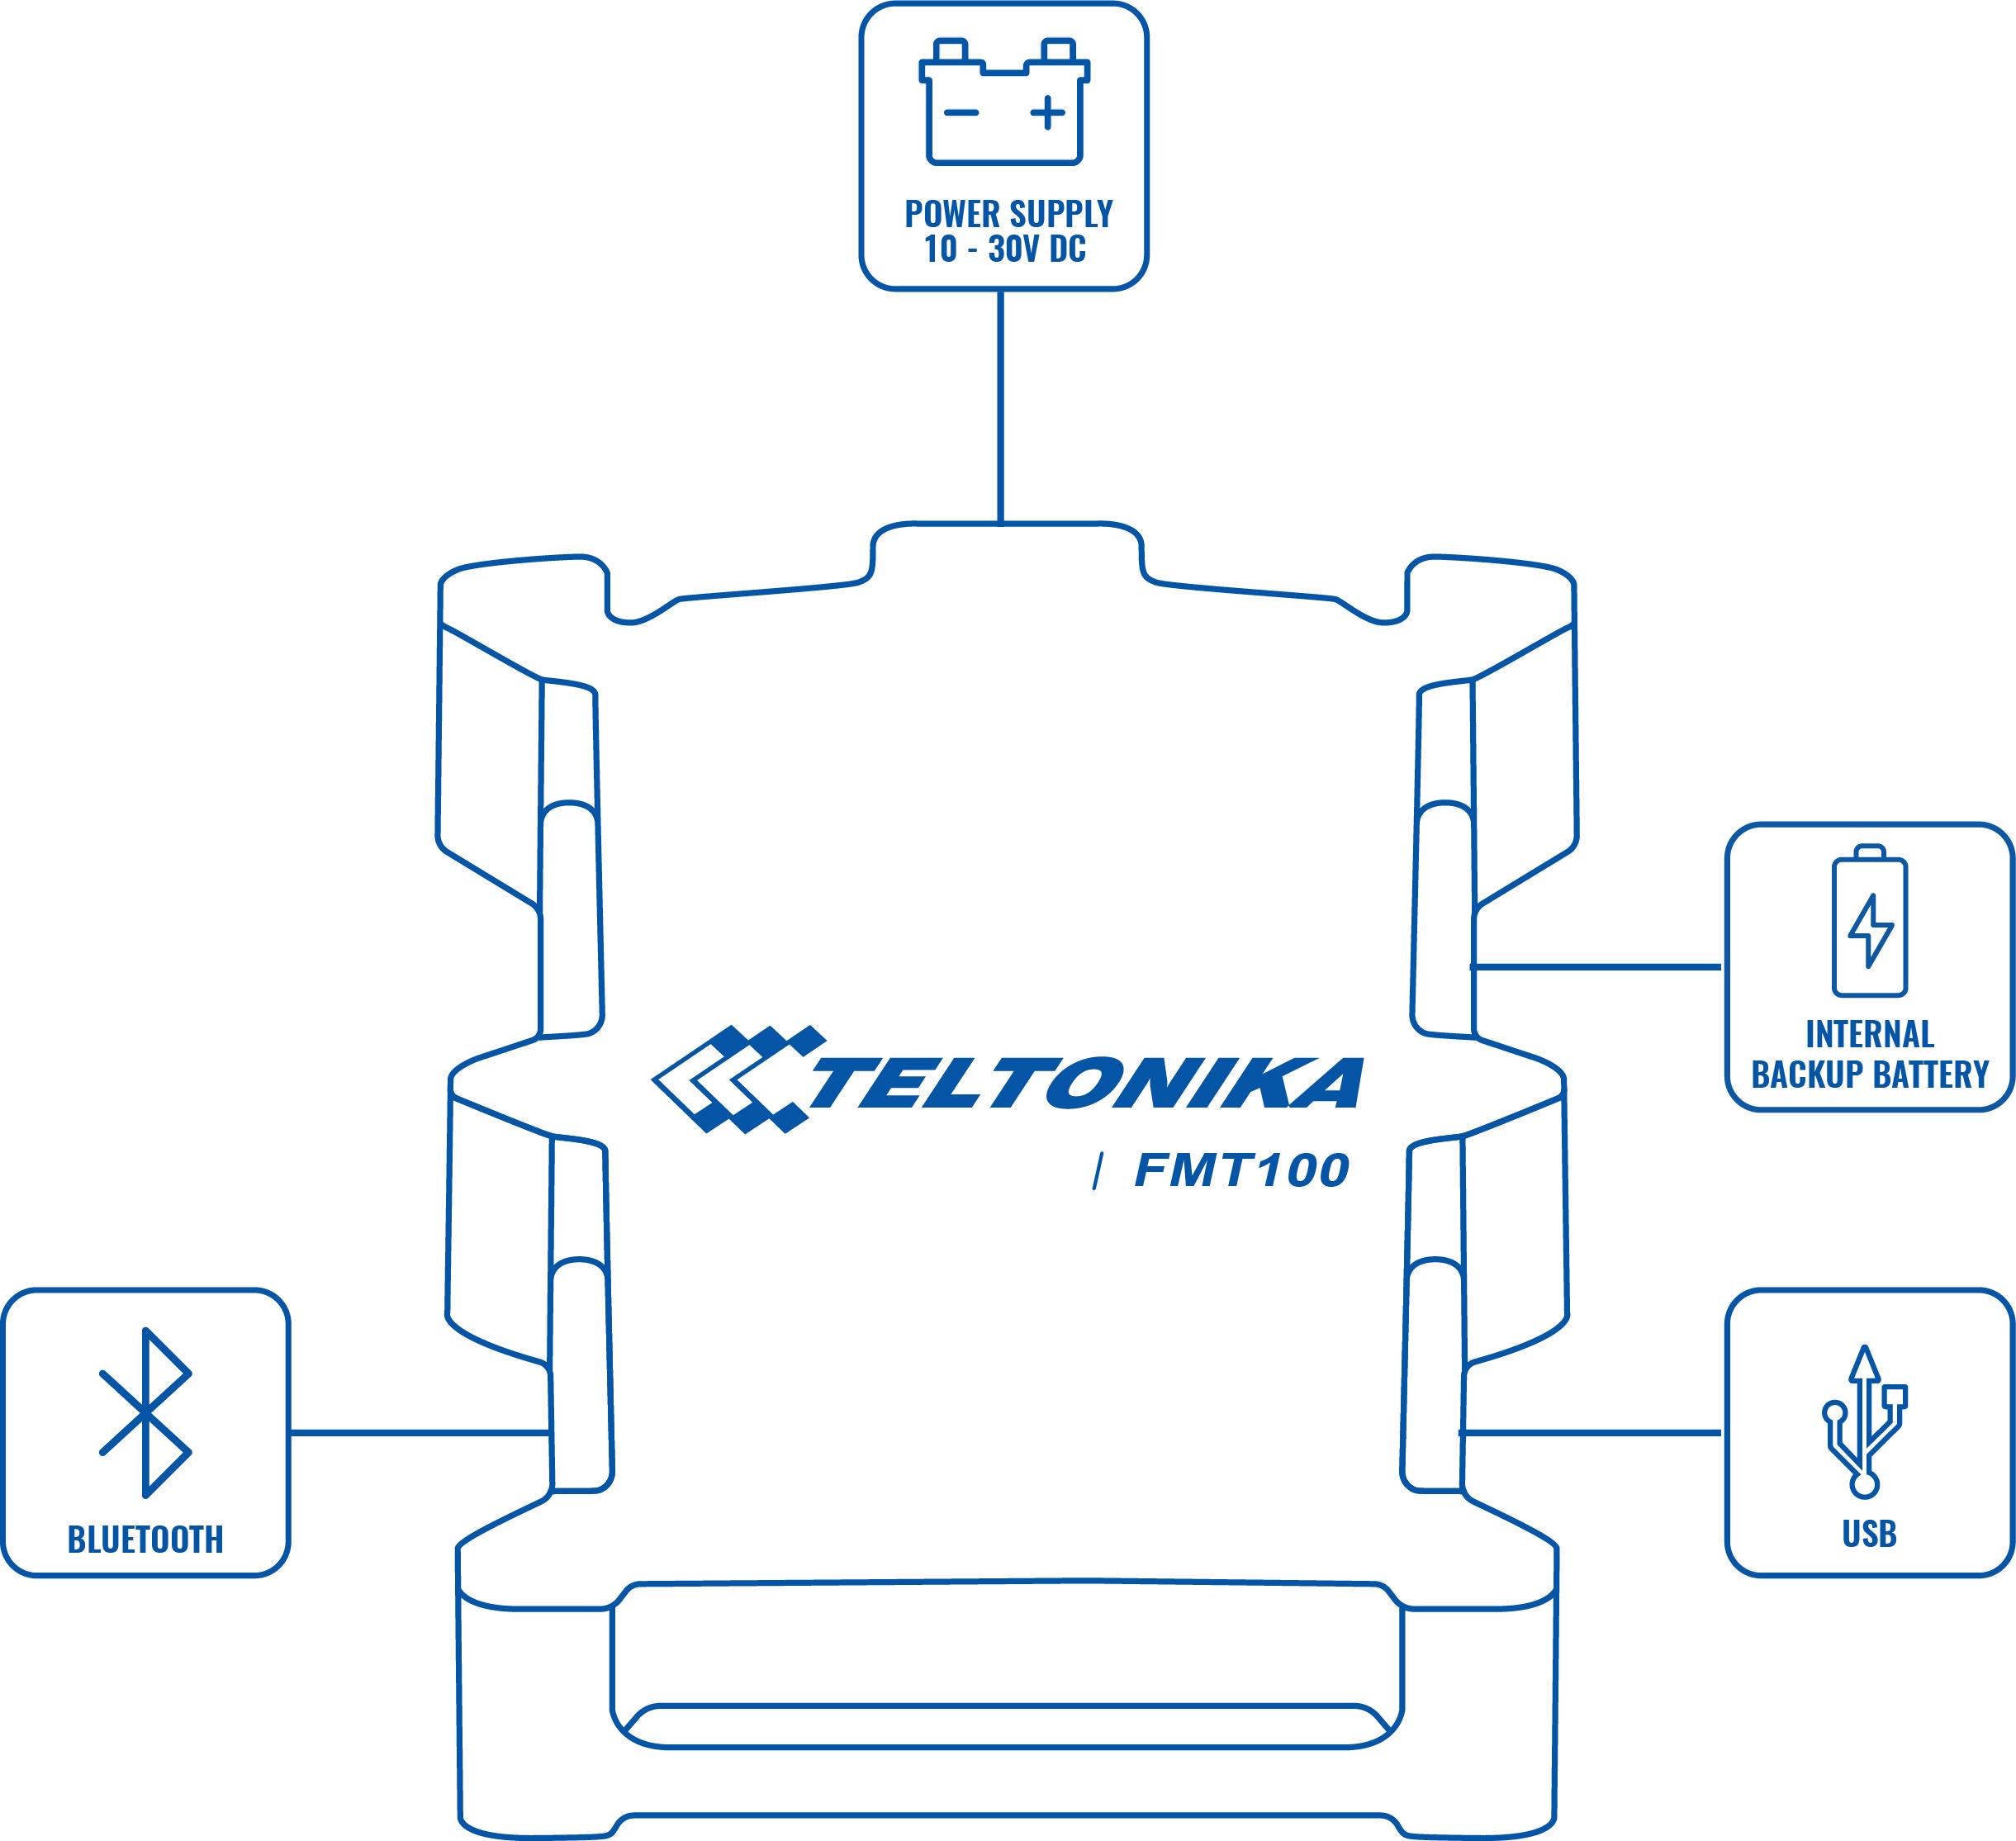 GPS Tracker FMB120 Teltonika gestione flotta sistema di sicurezza del veicolo